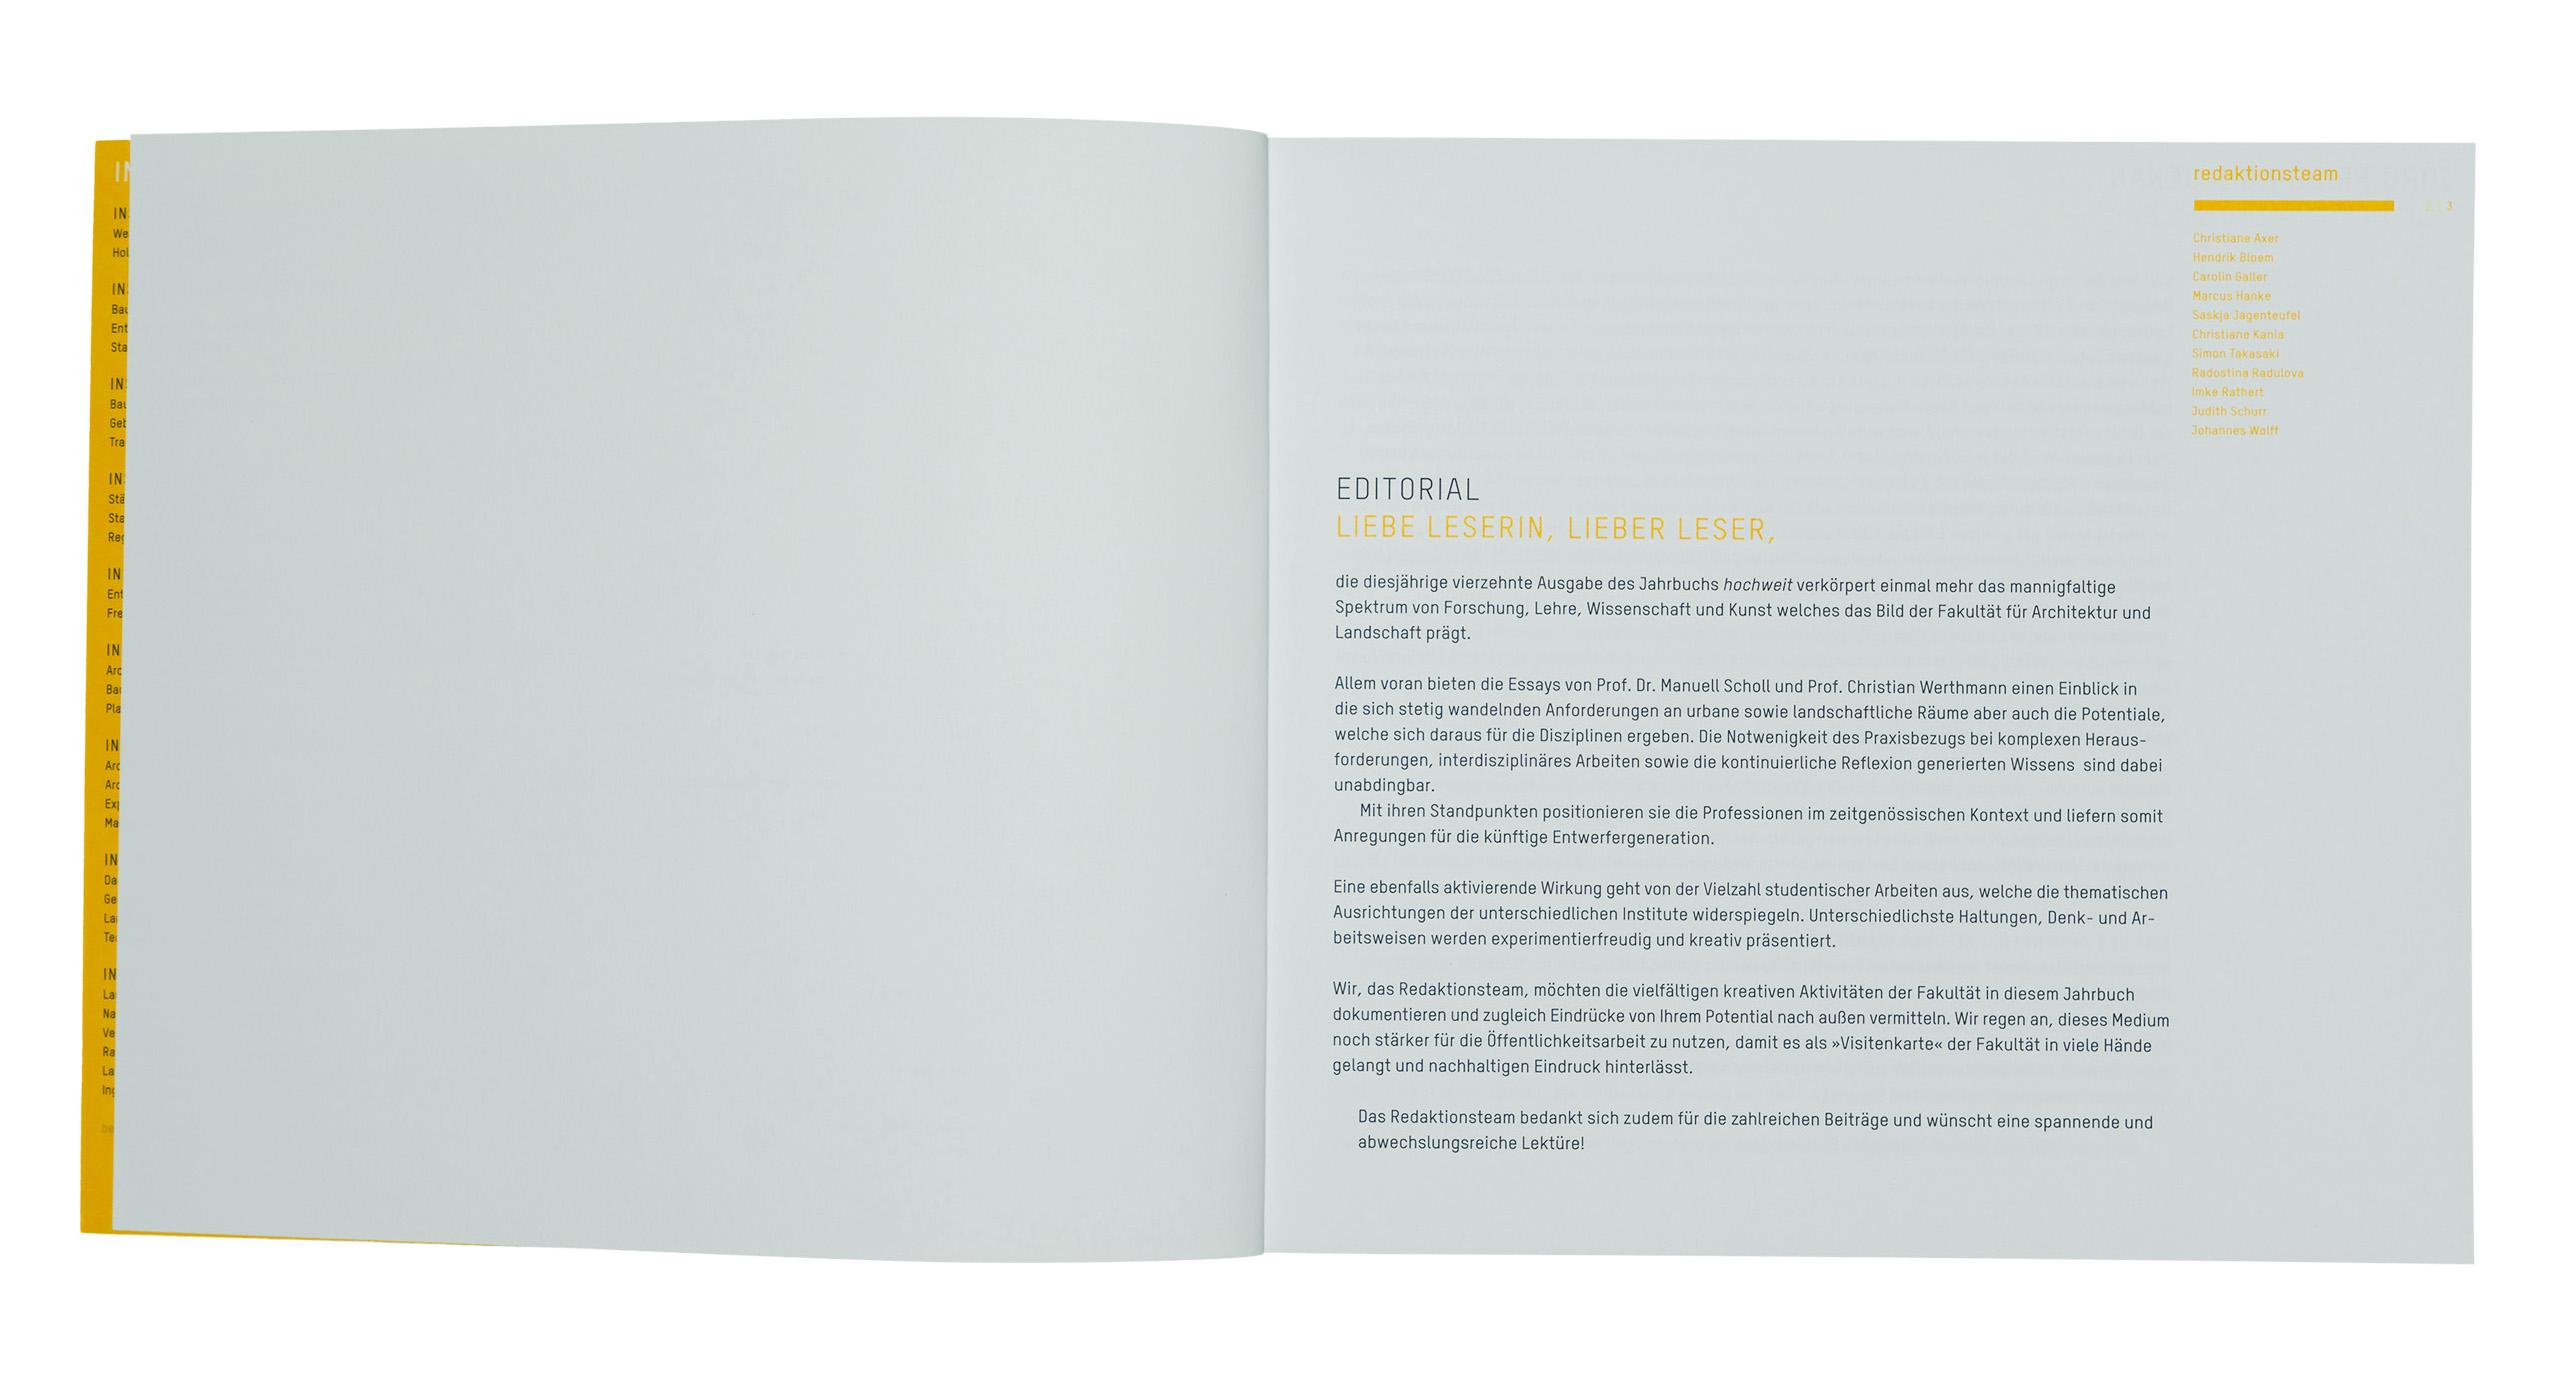 2014 Fakultät Für Architektur Und Landschaft Leibniz